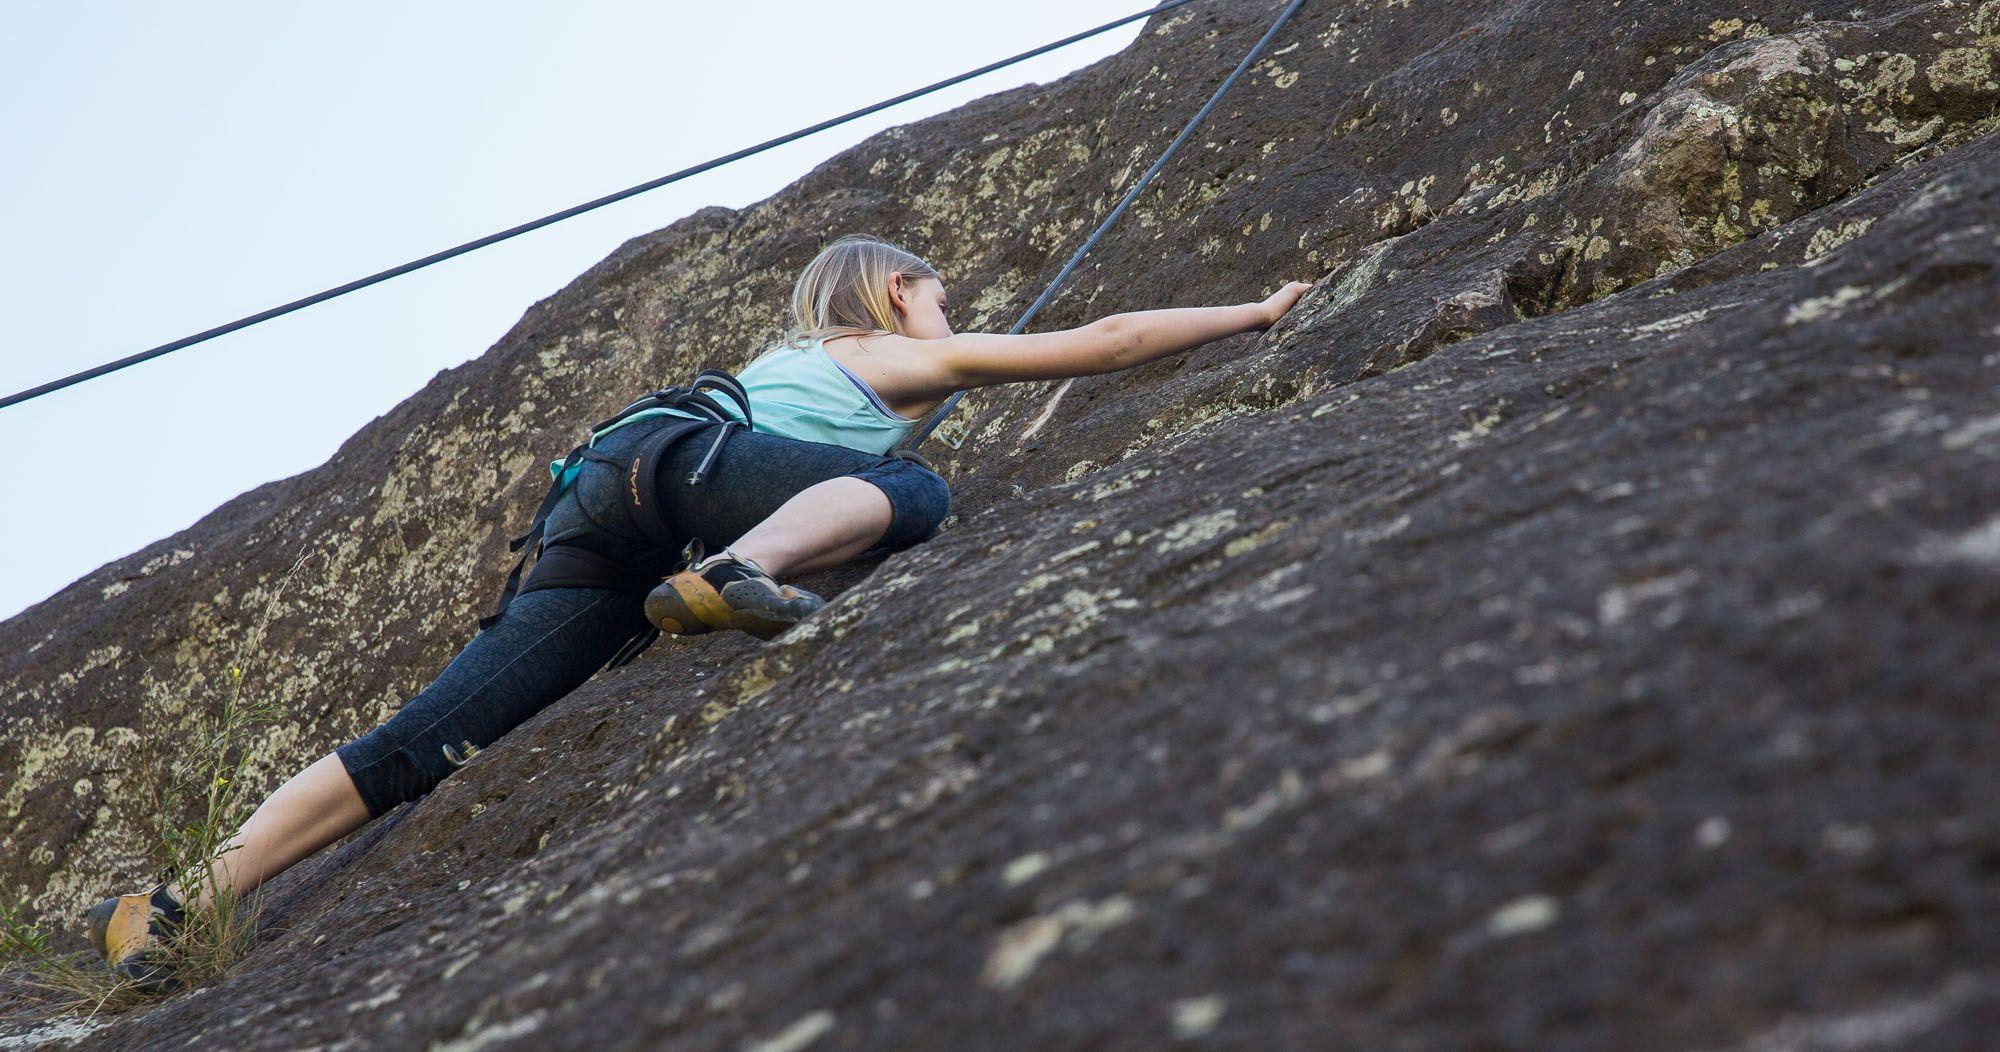 Kara Rock Climbing